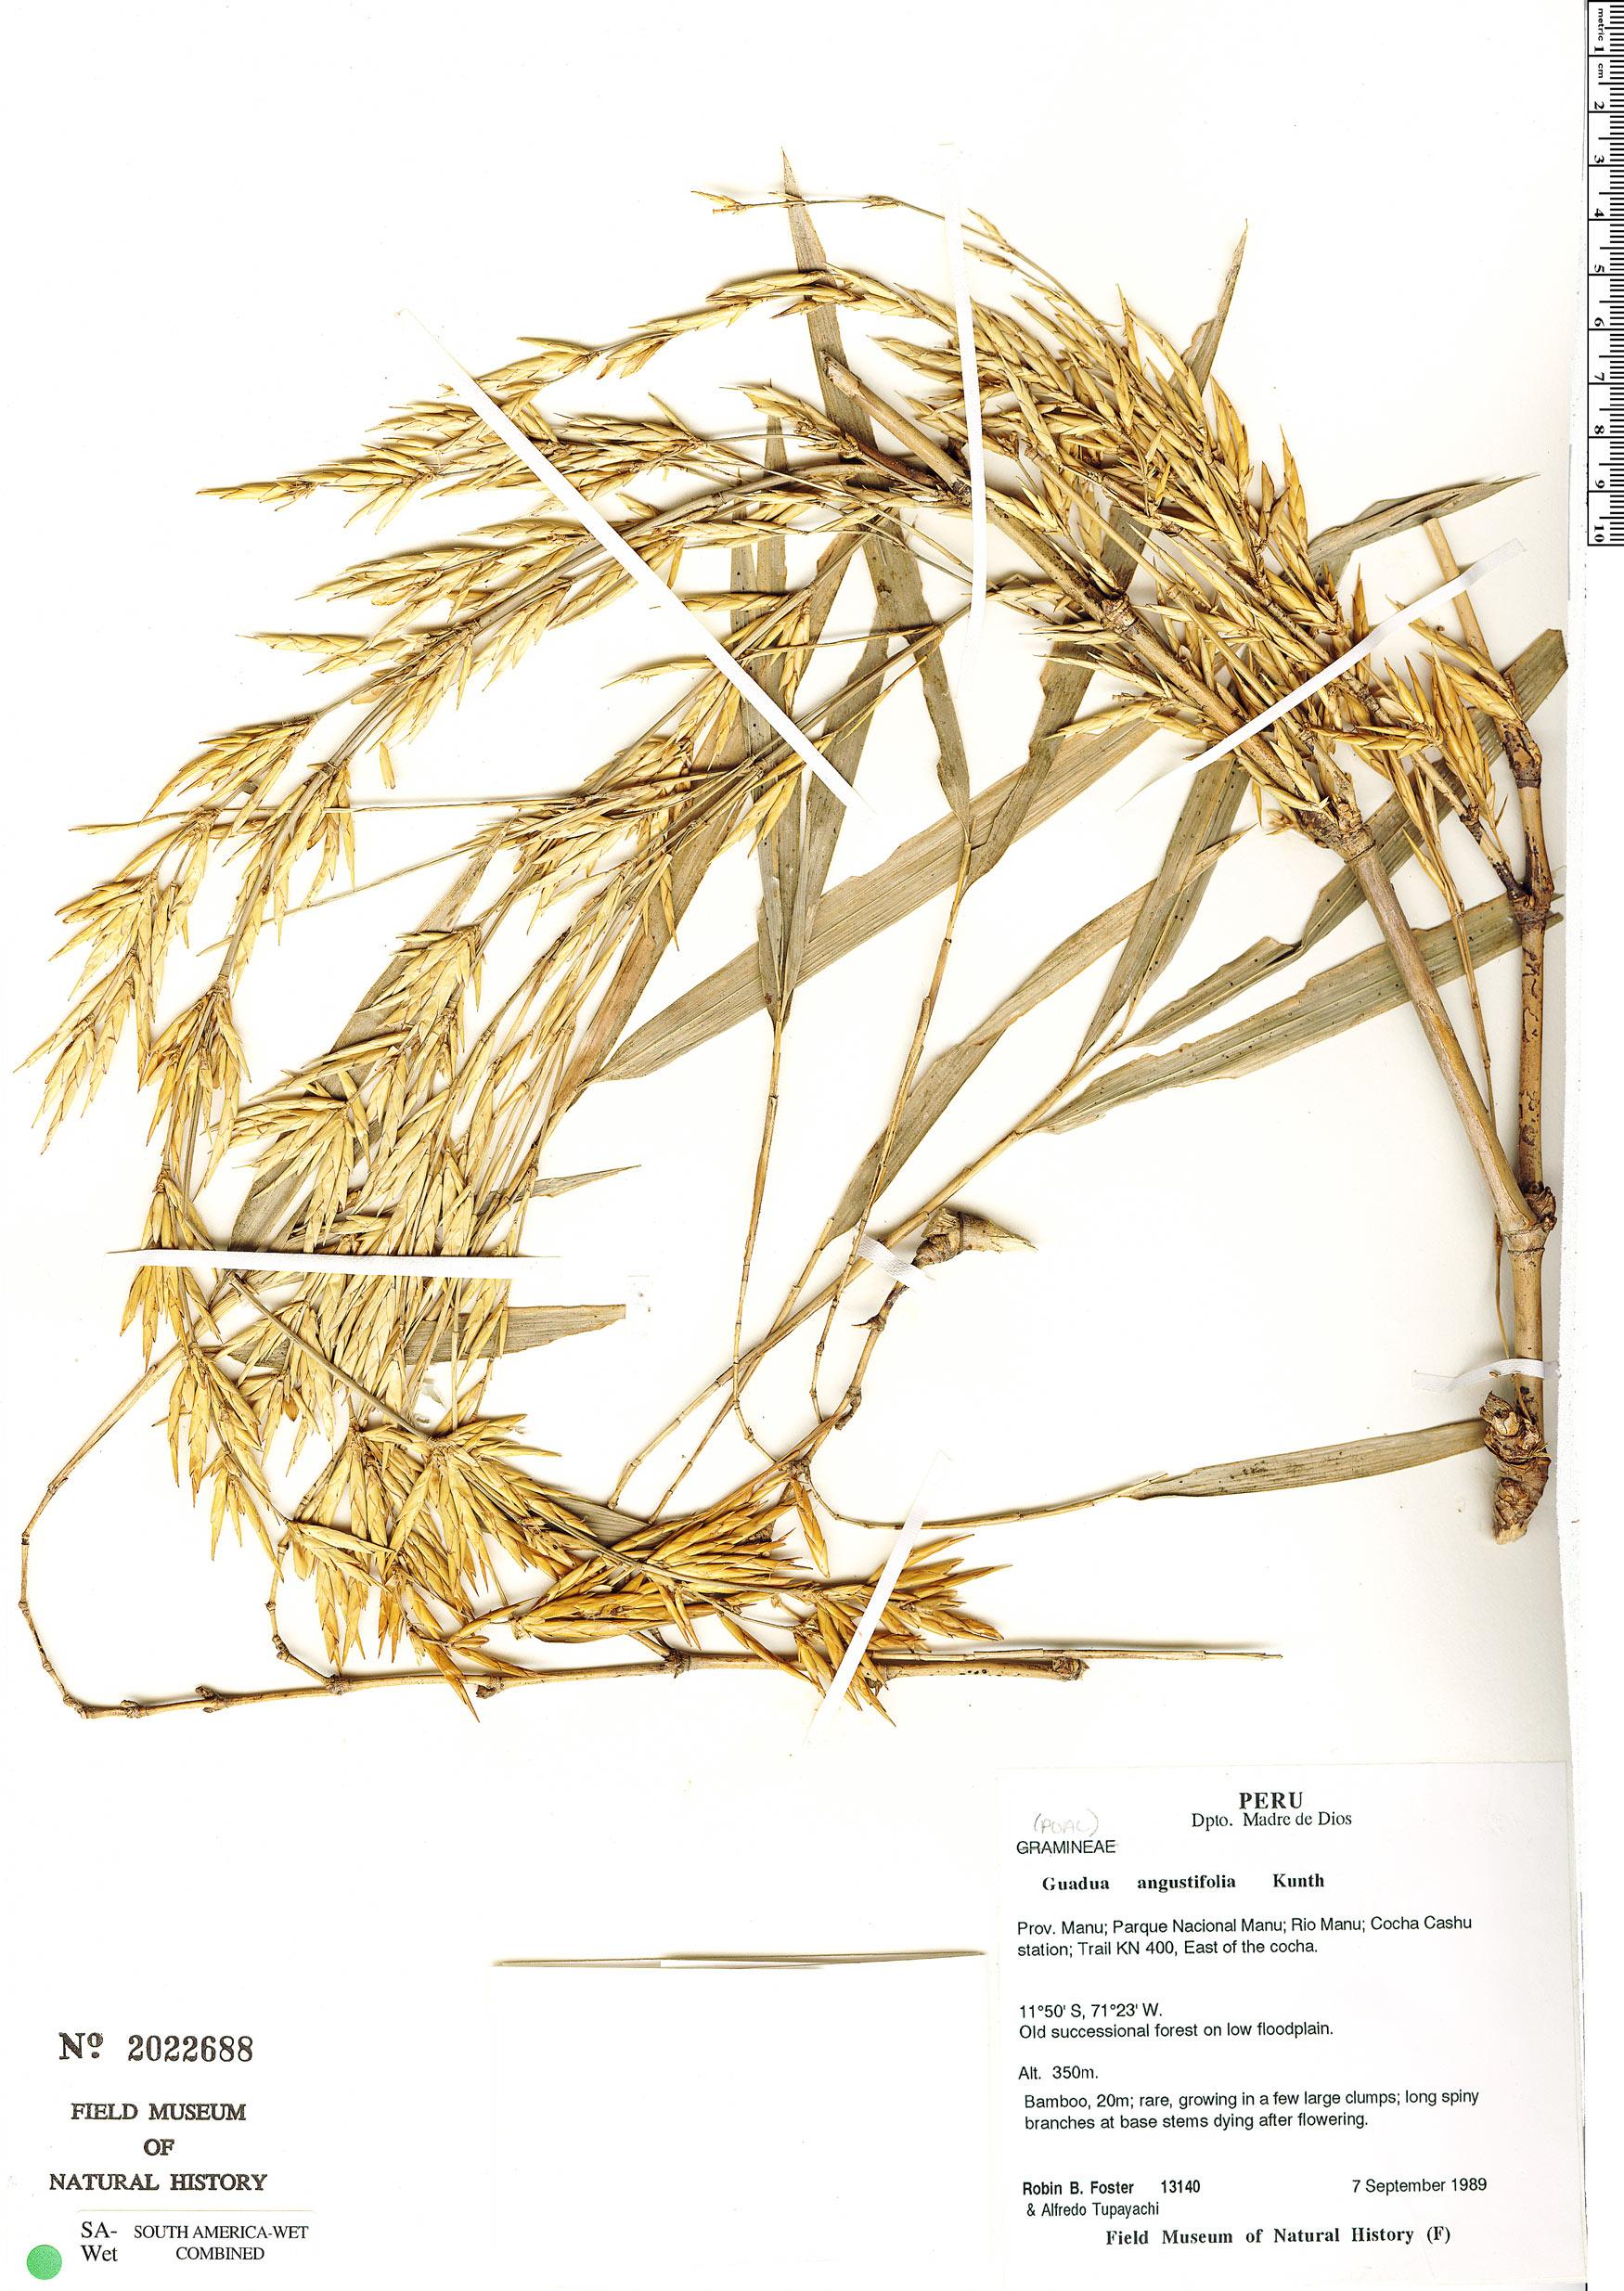 Specimen: Guadua chacoensis